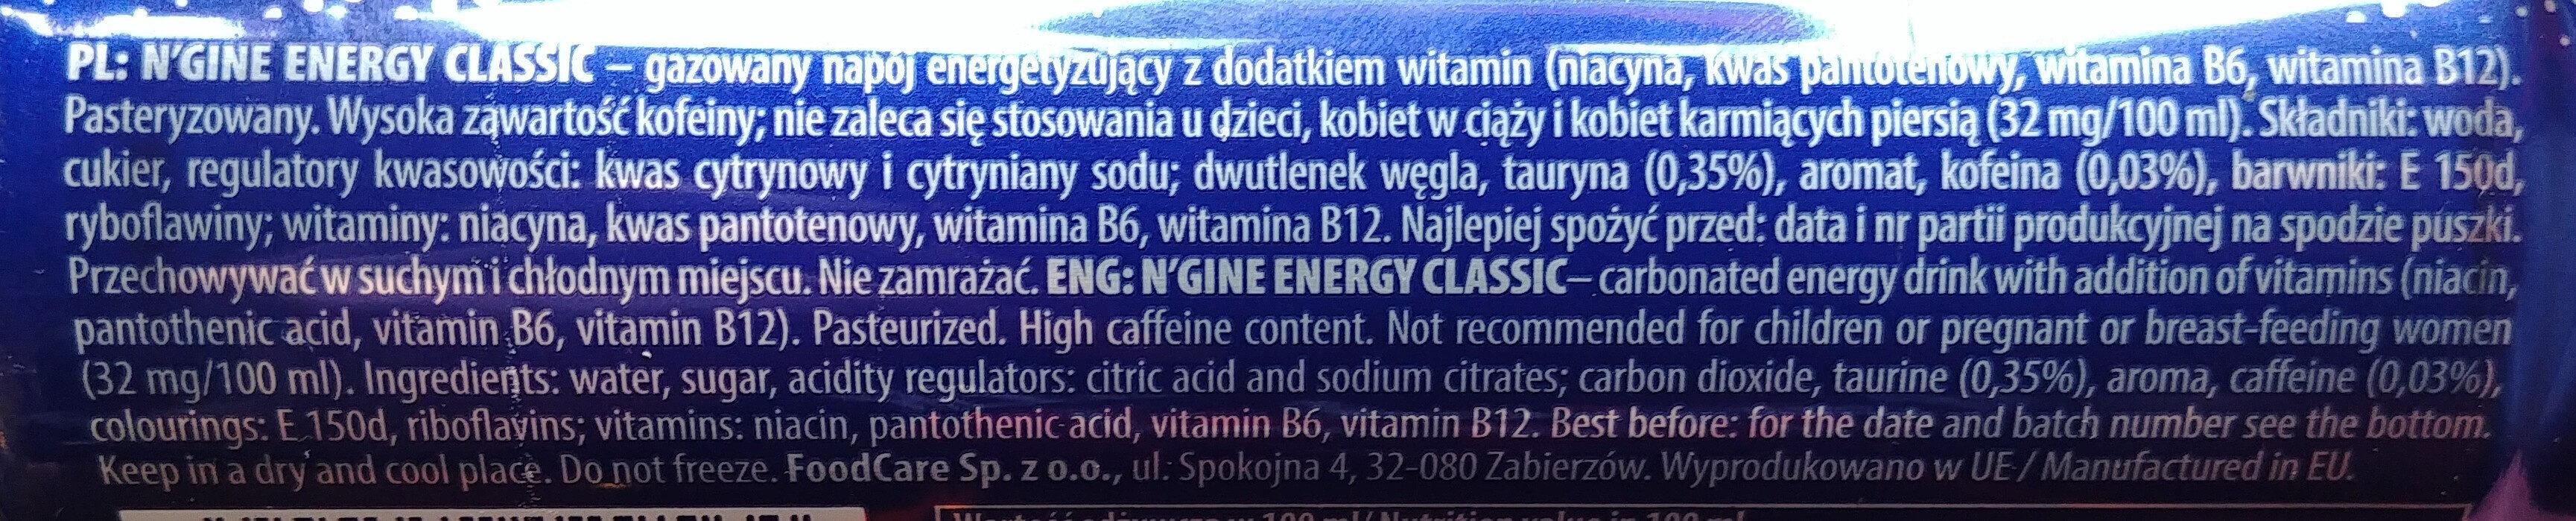 Gazowany napój energetyzujący z dodatkiem witamin - Ingredients - pl